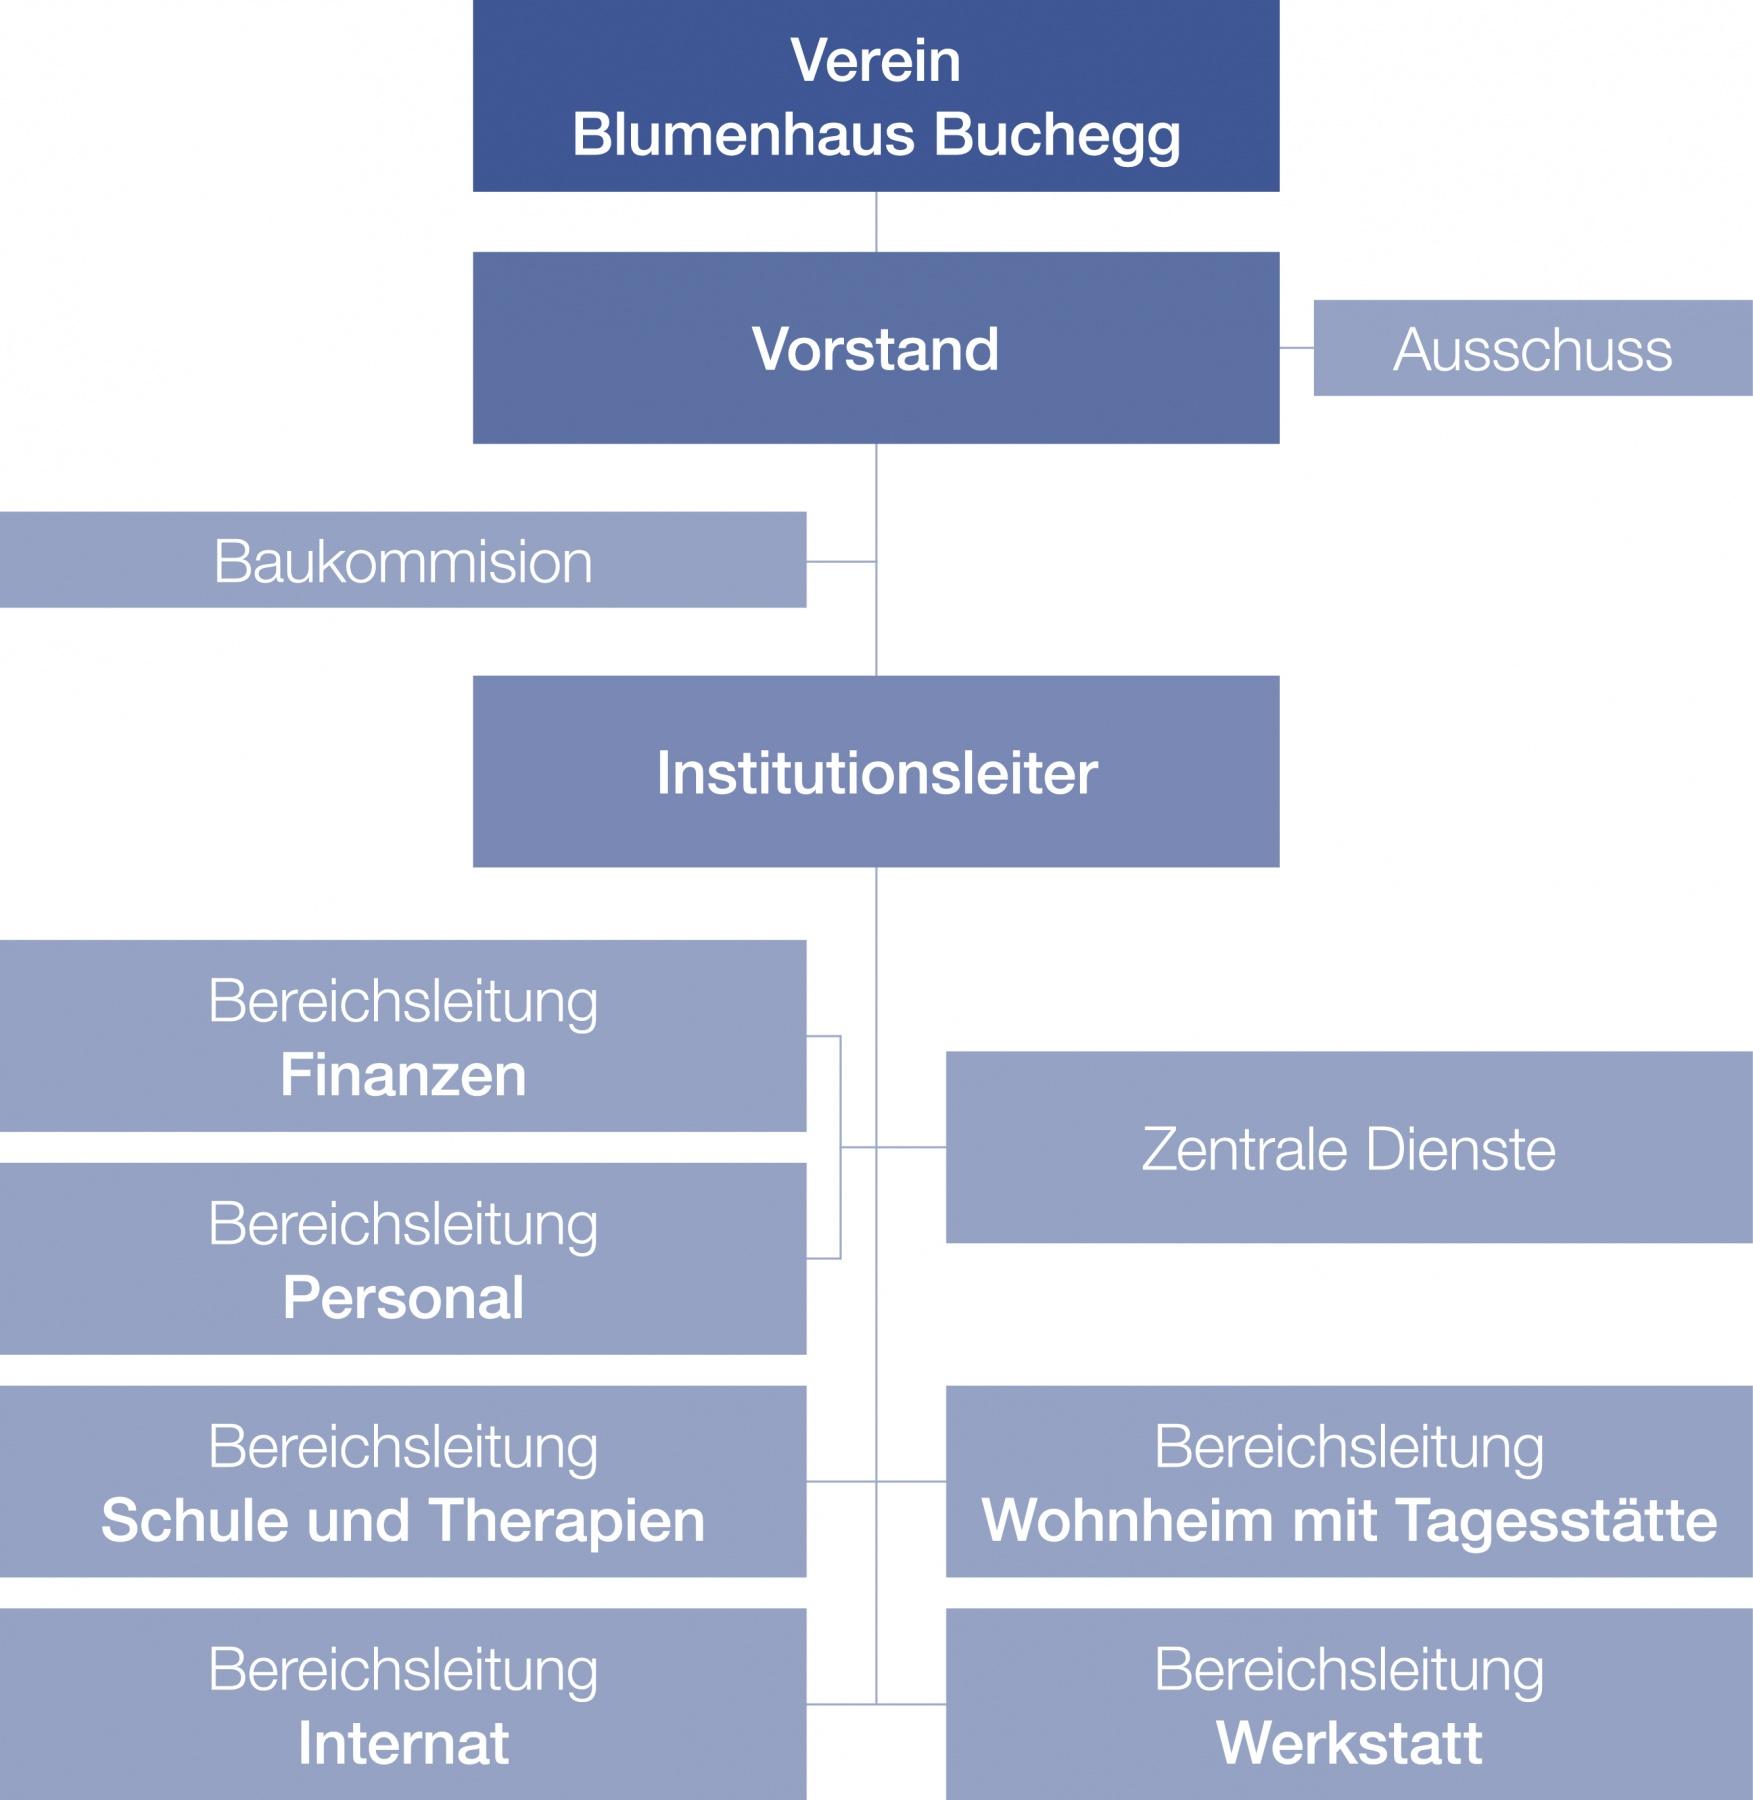 verein_blumenhaus_buchegg